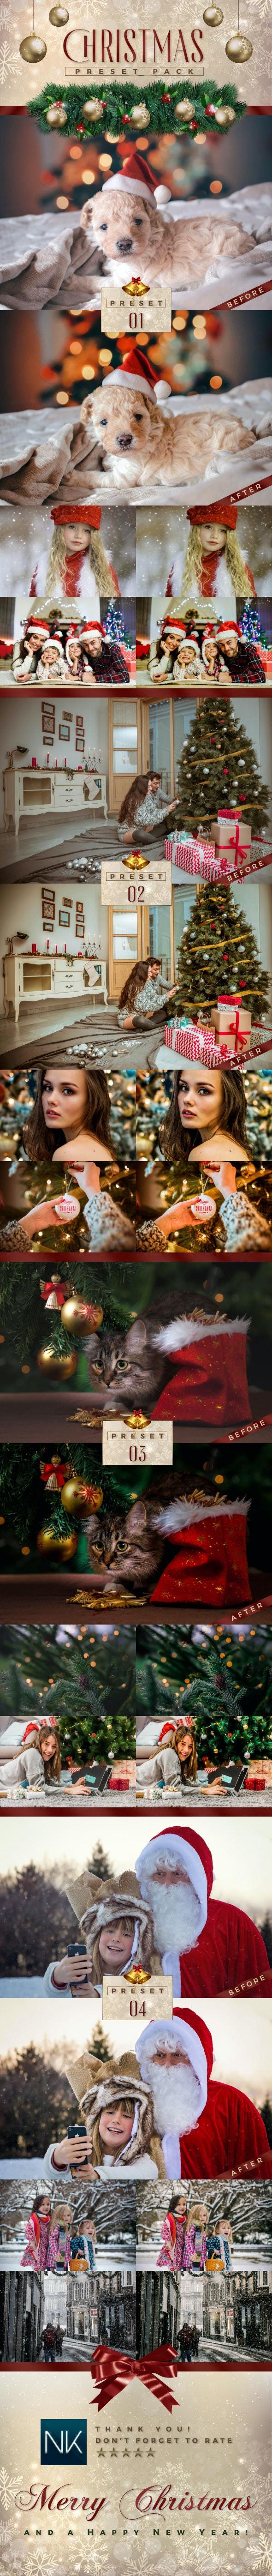 4 Lightroom Presets - Christmas Pack (+Mobile Version) - Lightroom Presets Add-ons